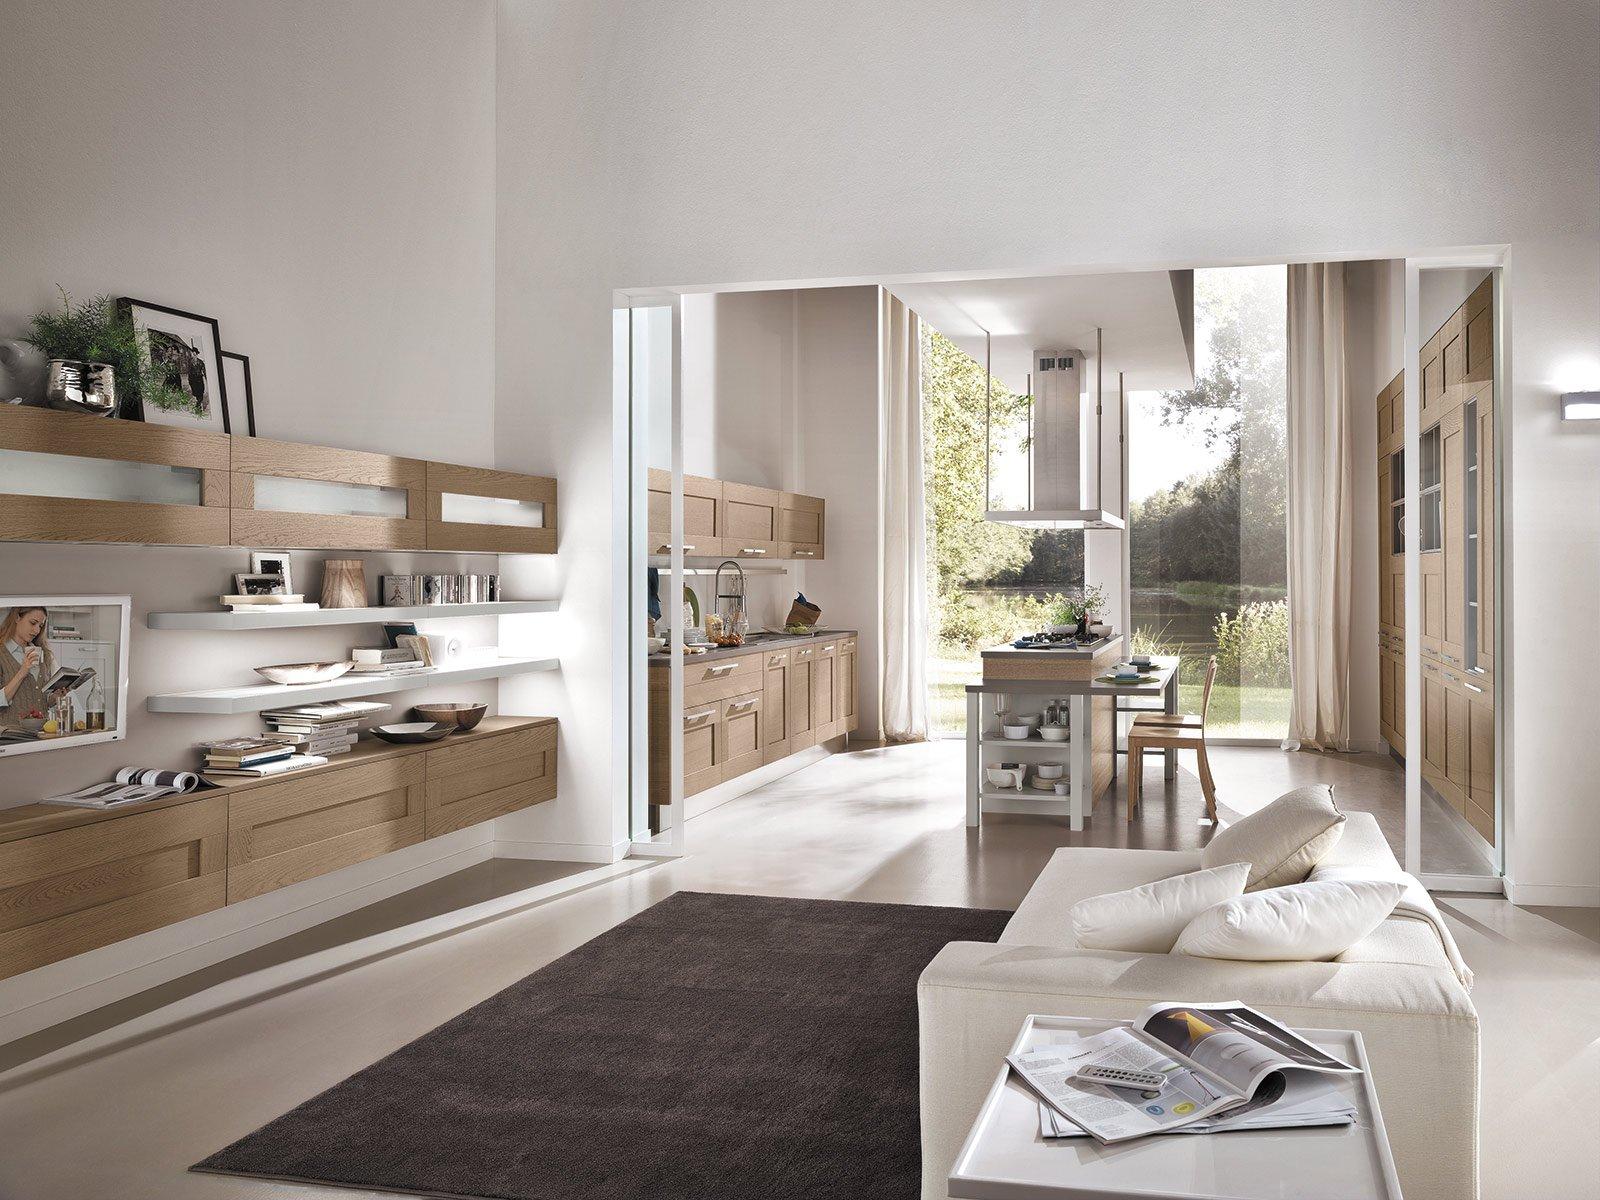 Cucine moderne in legno cose di casa - Colori pareti cucina in legno ...